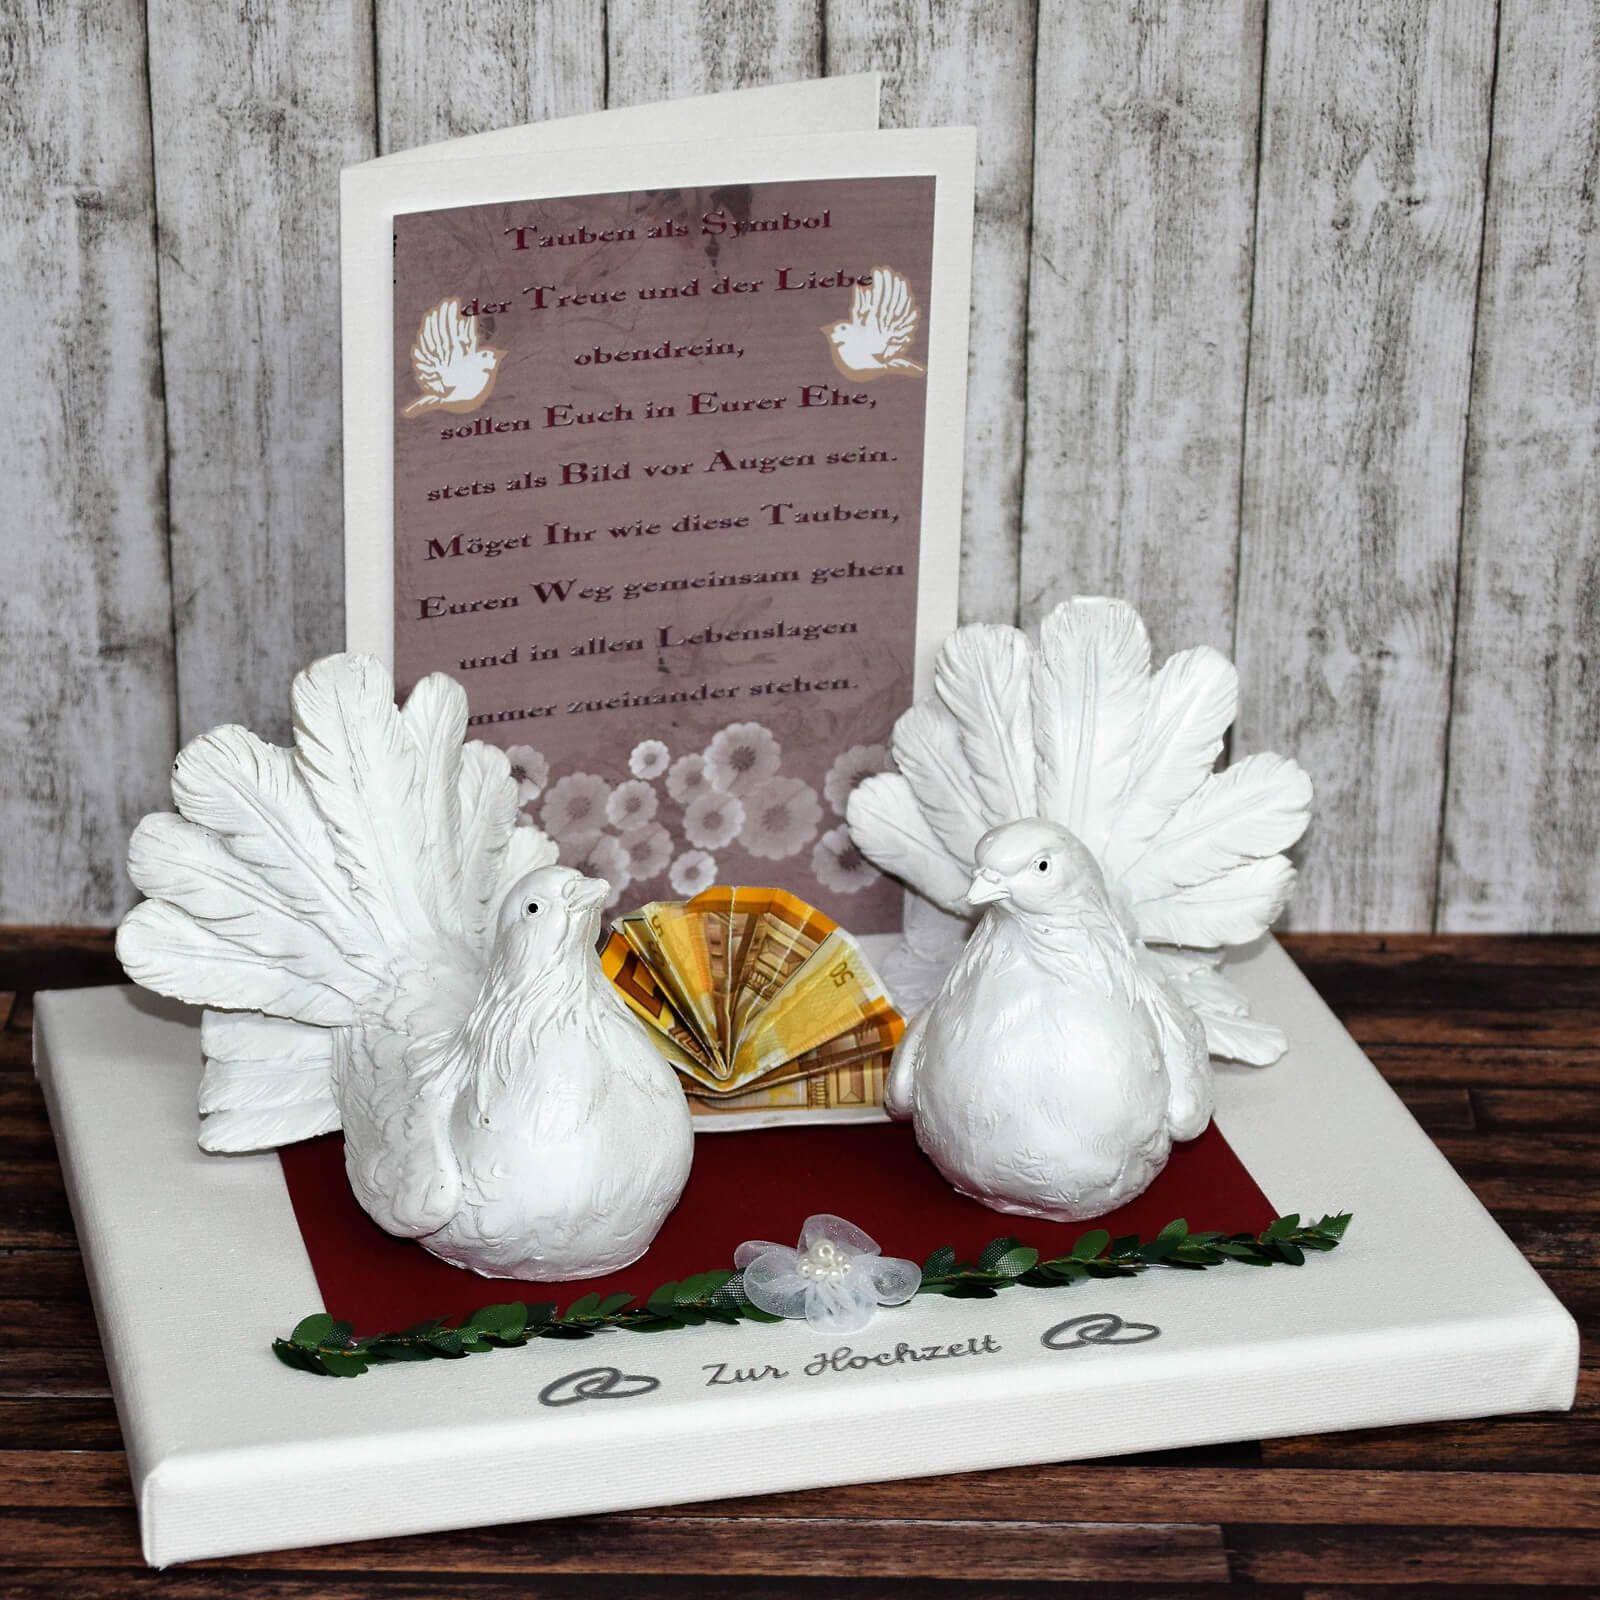 Geldgeschenk zur Hochzeit - Taubenpaar mit Karte